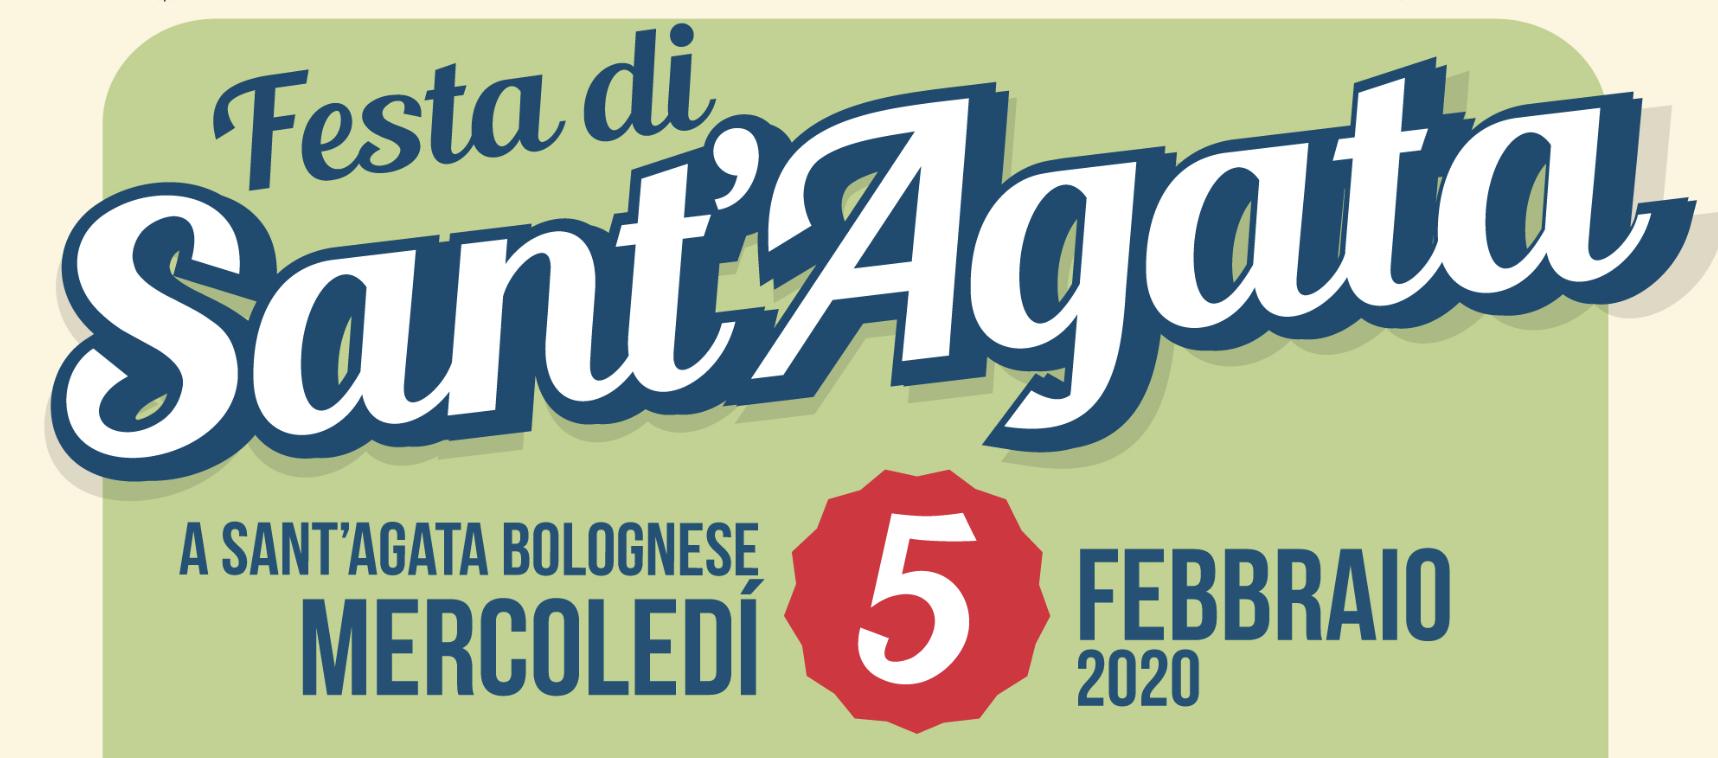 5 febbraio: Festa di Sant'Agata